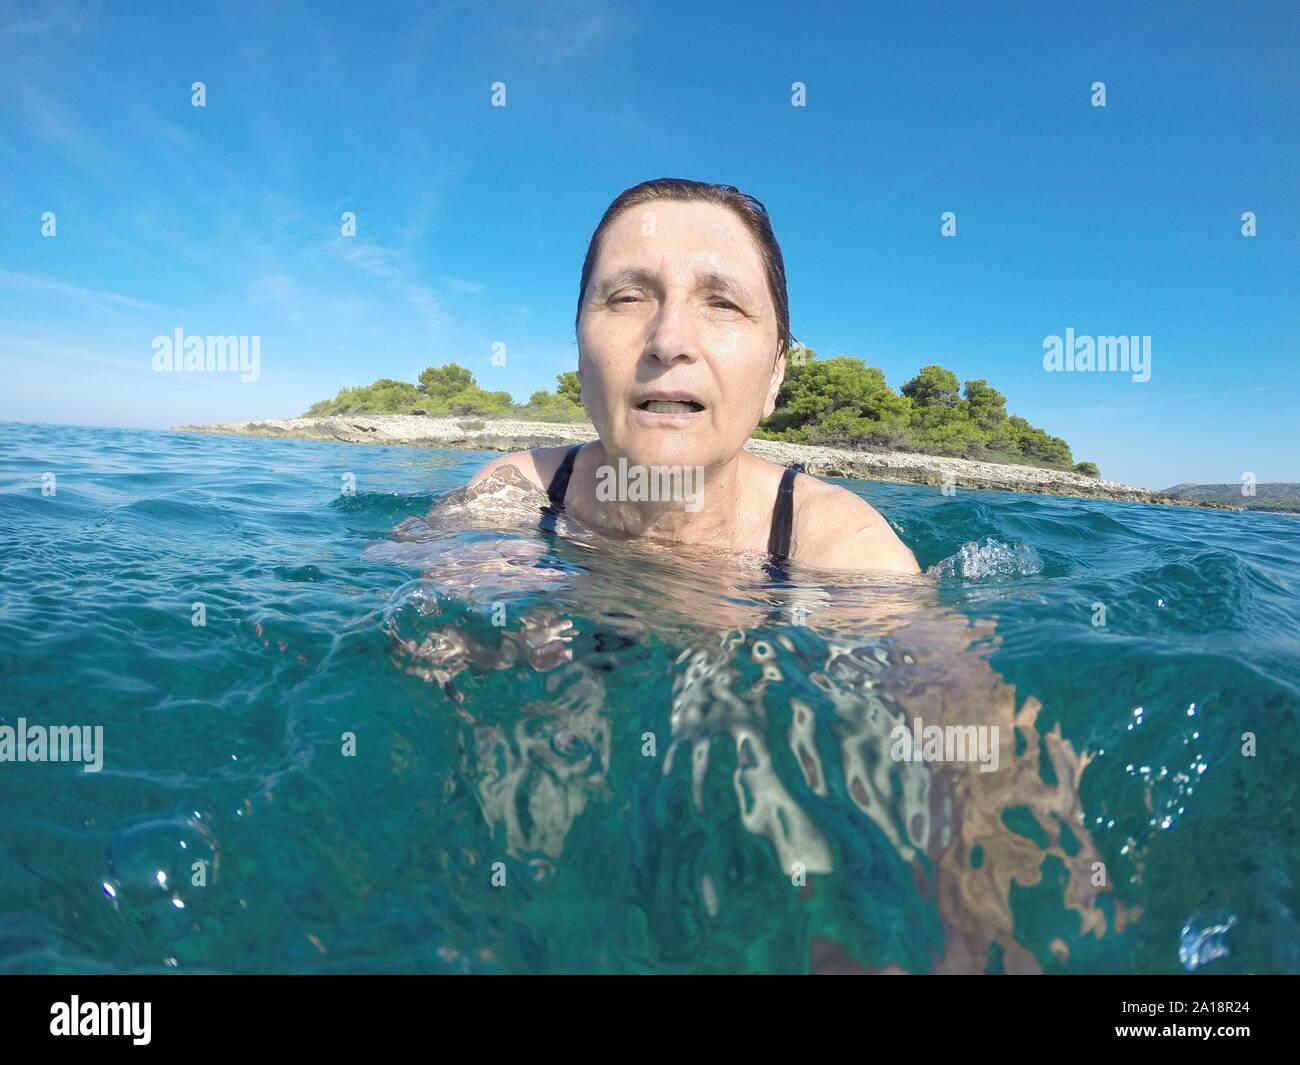 Mujer madura, nadando en el azul claro del mar Adriático Foto de stock